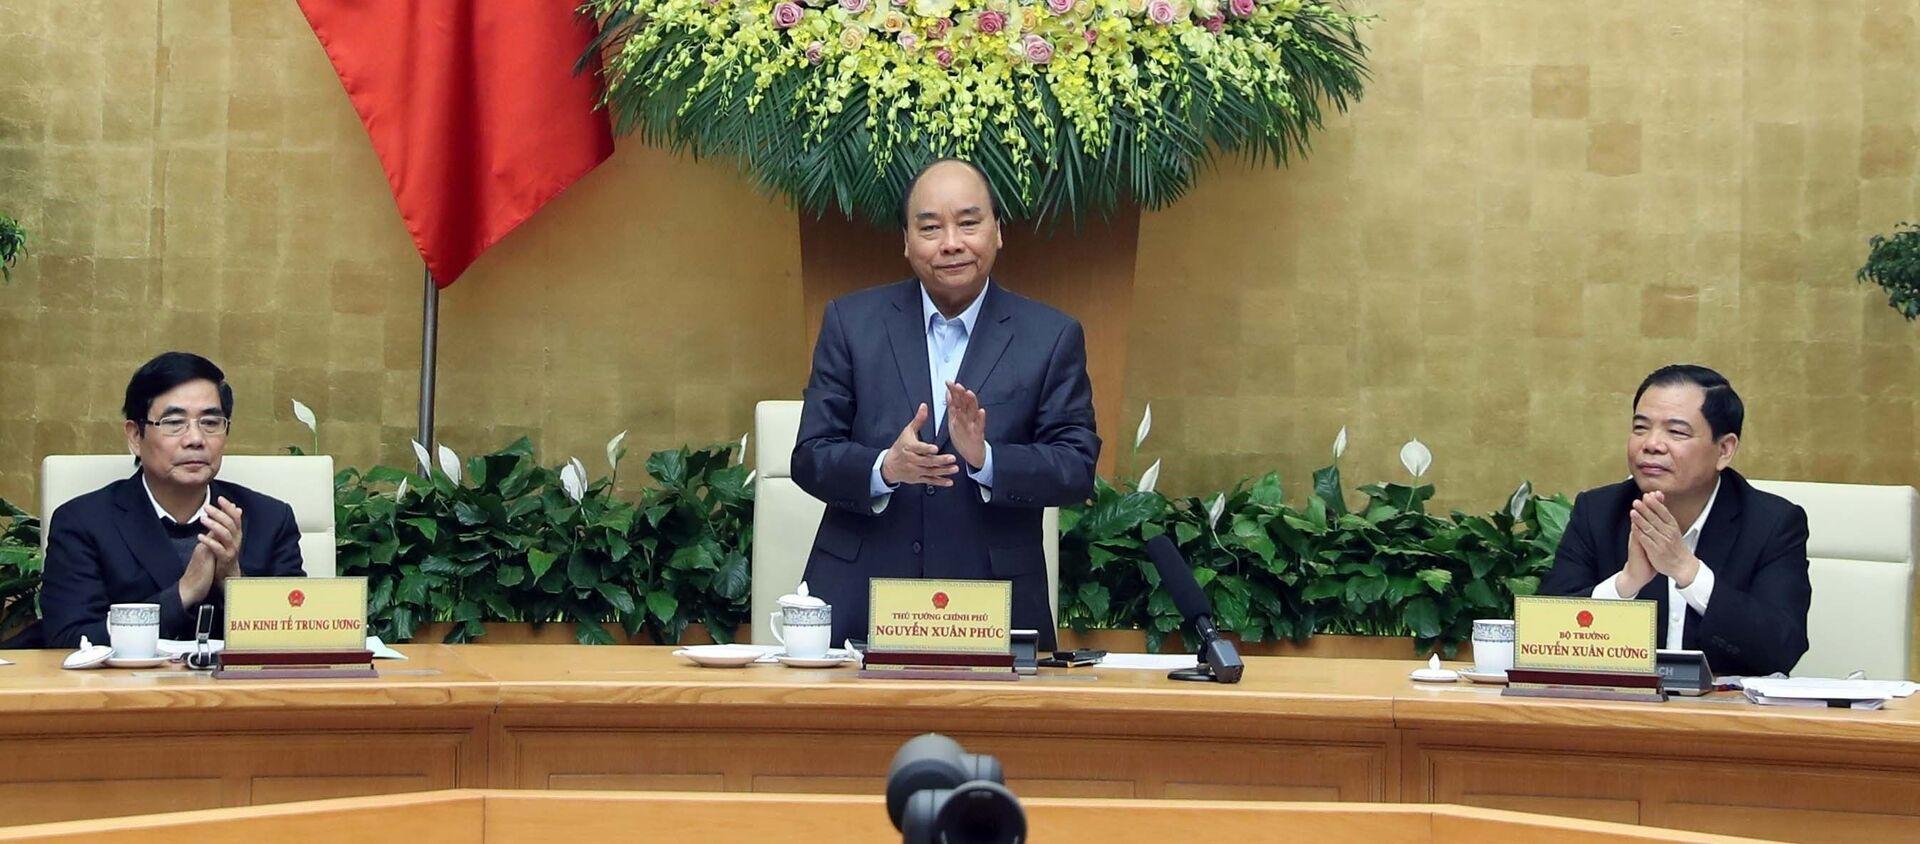 Thủ tướng Nguyễn Xuân Phúc chủ trì hội nghị. - Sputnik Việt Nam, 1920, 21.02.2020